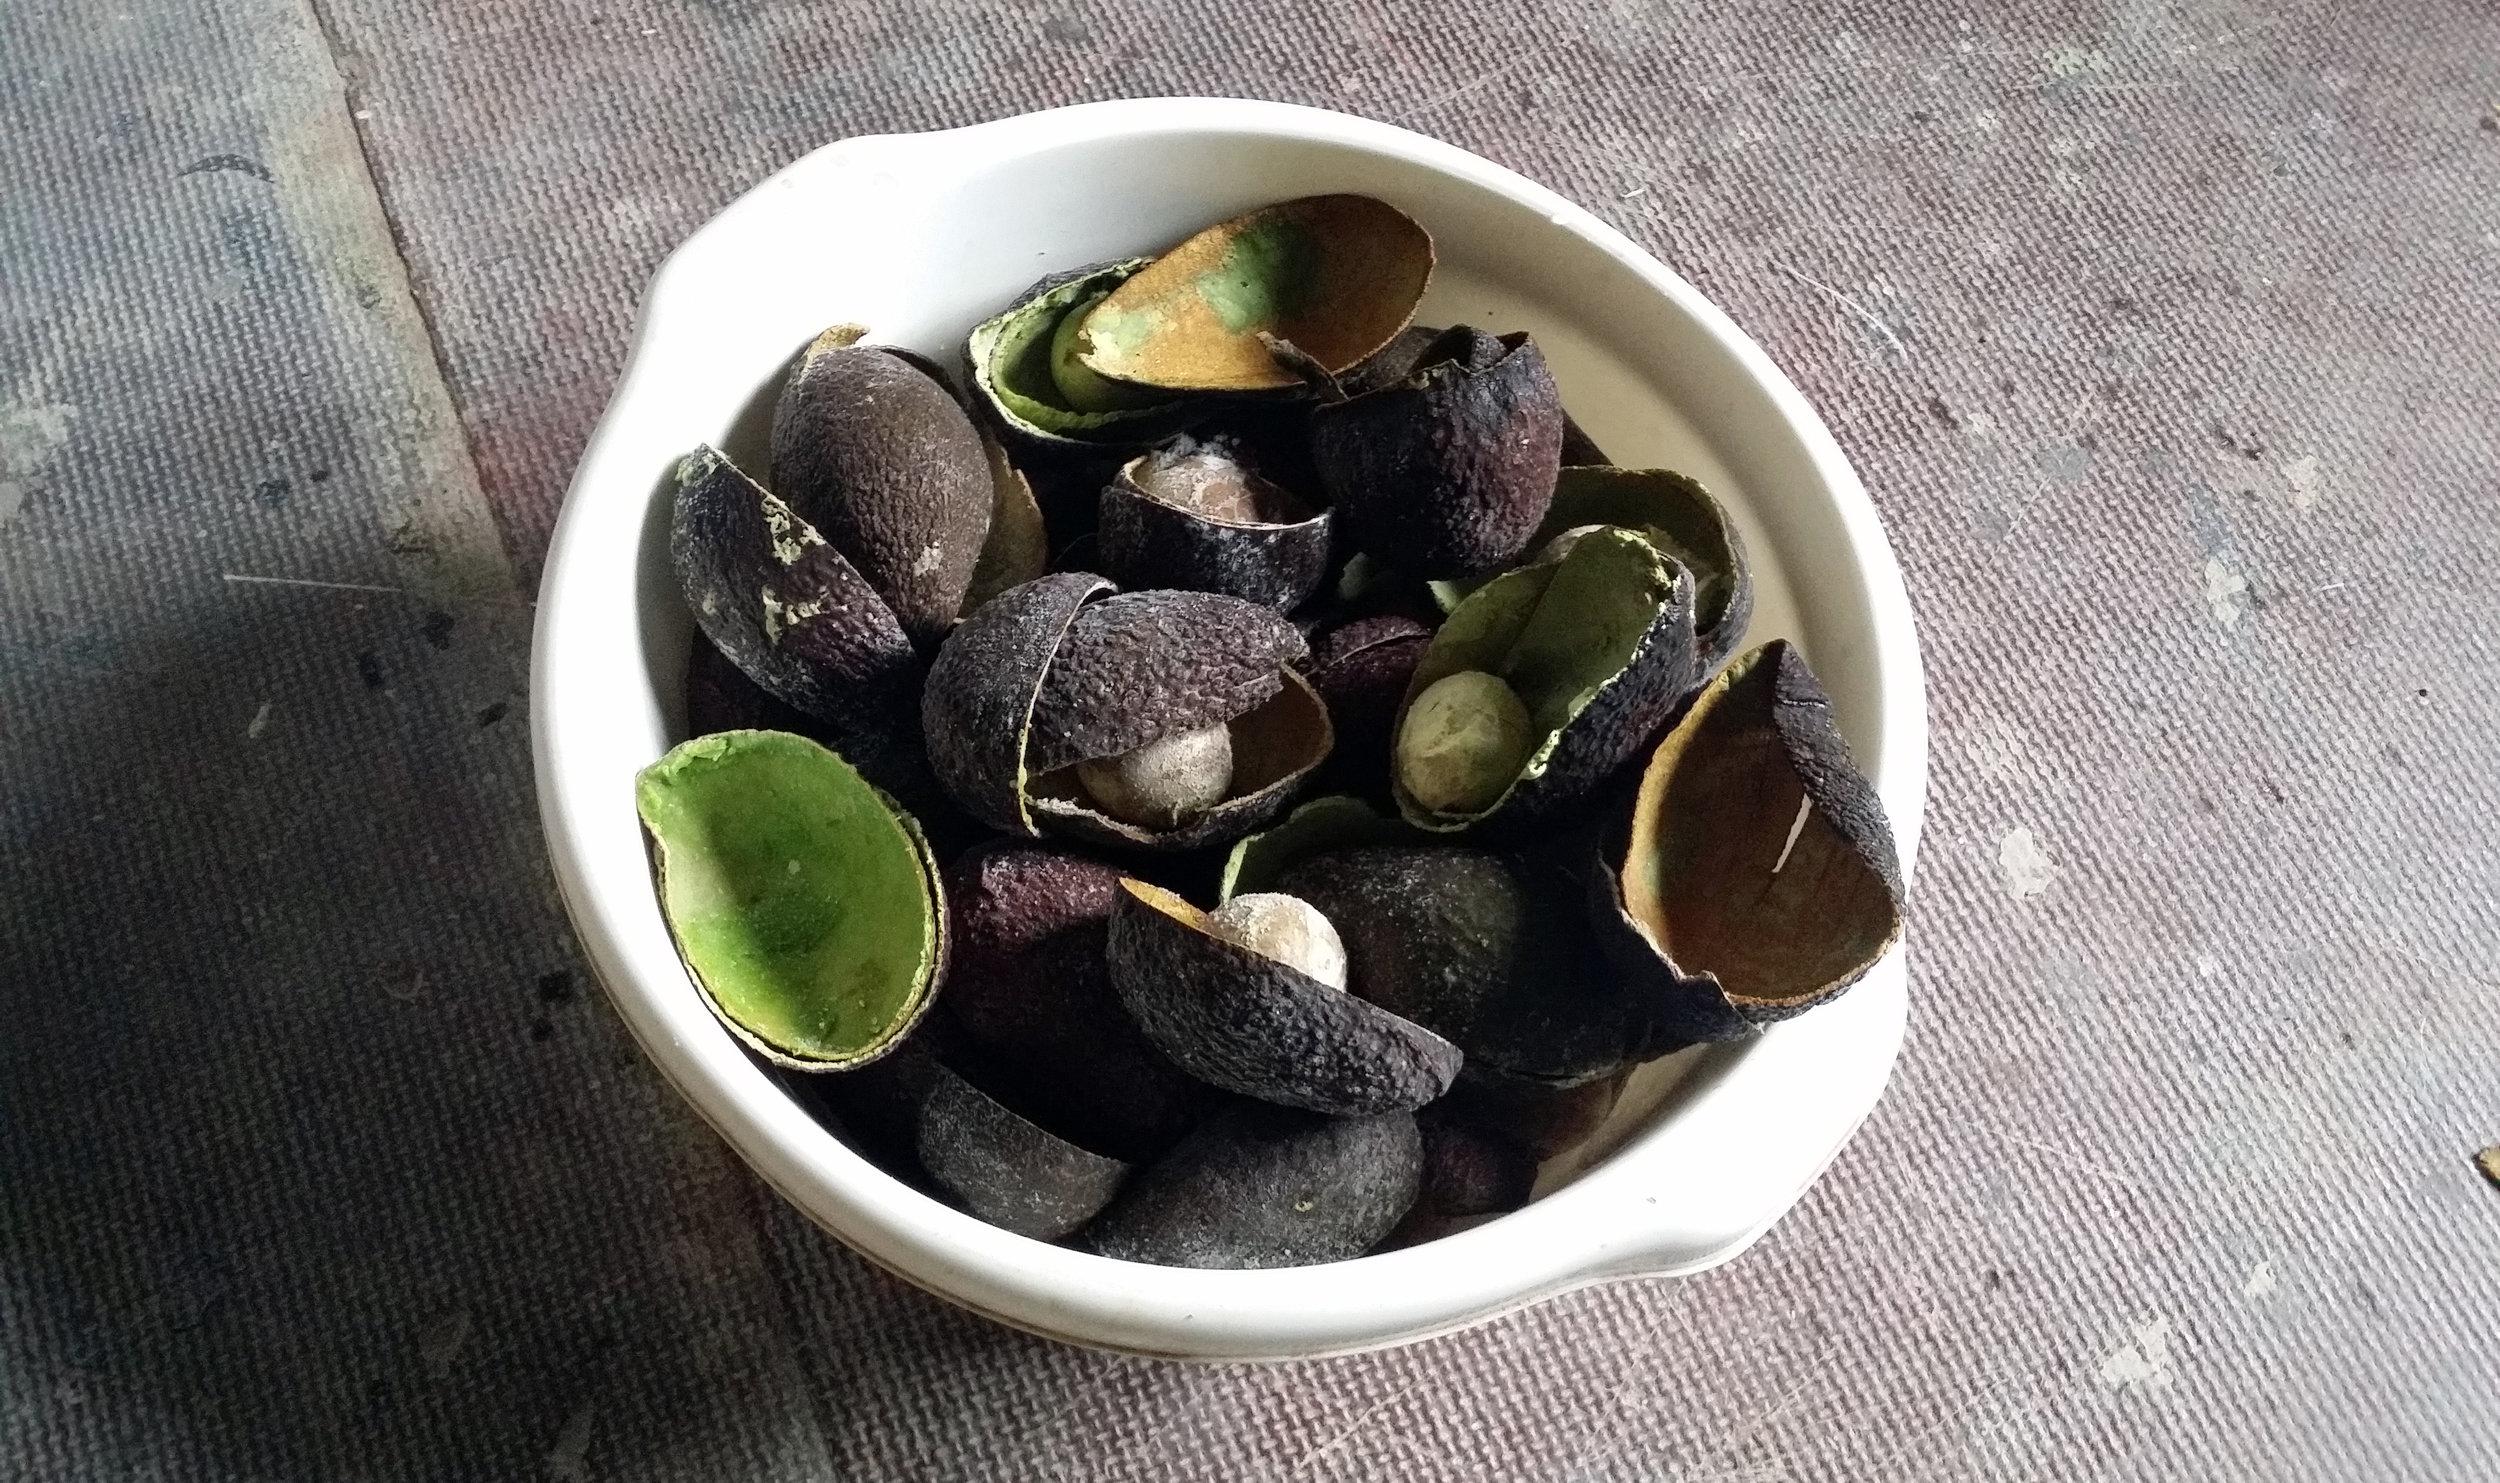 My avocado peel harvest.